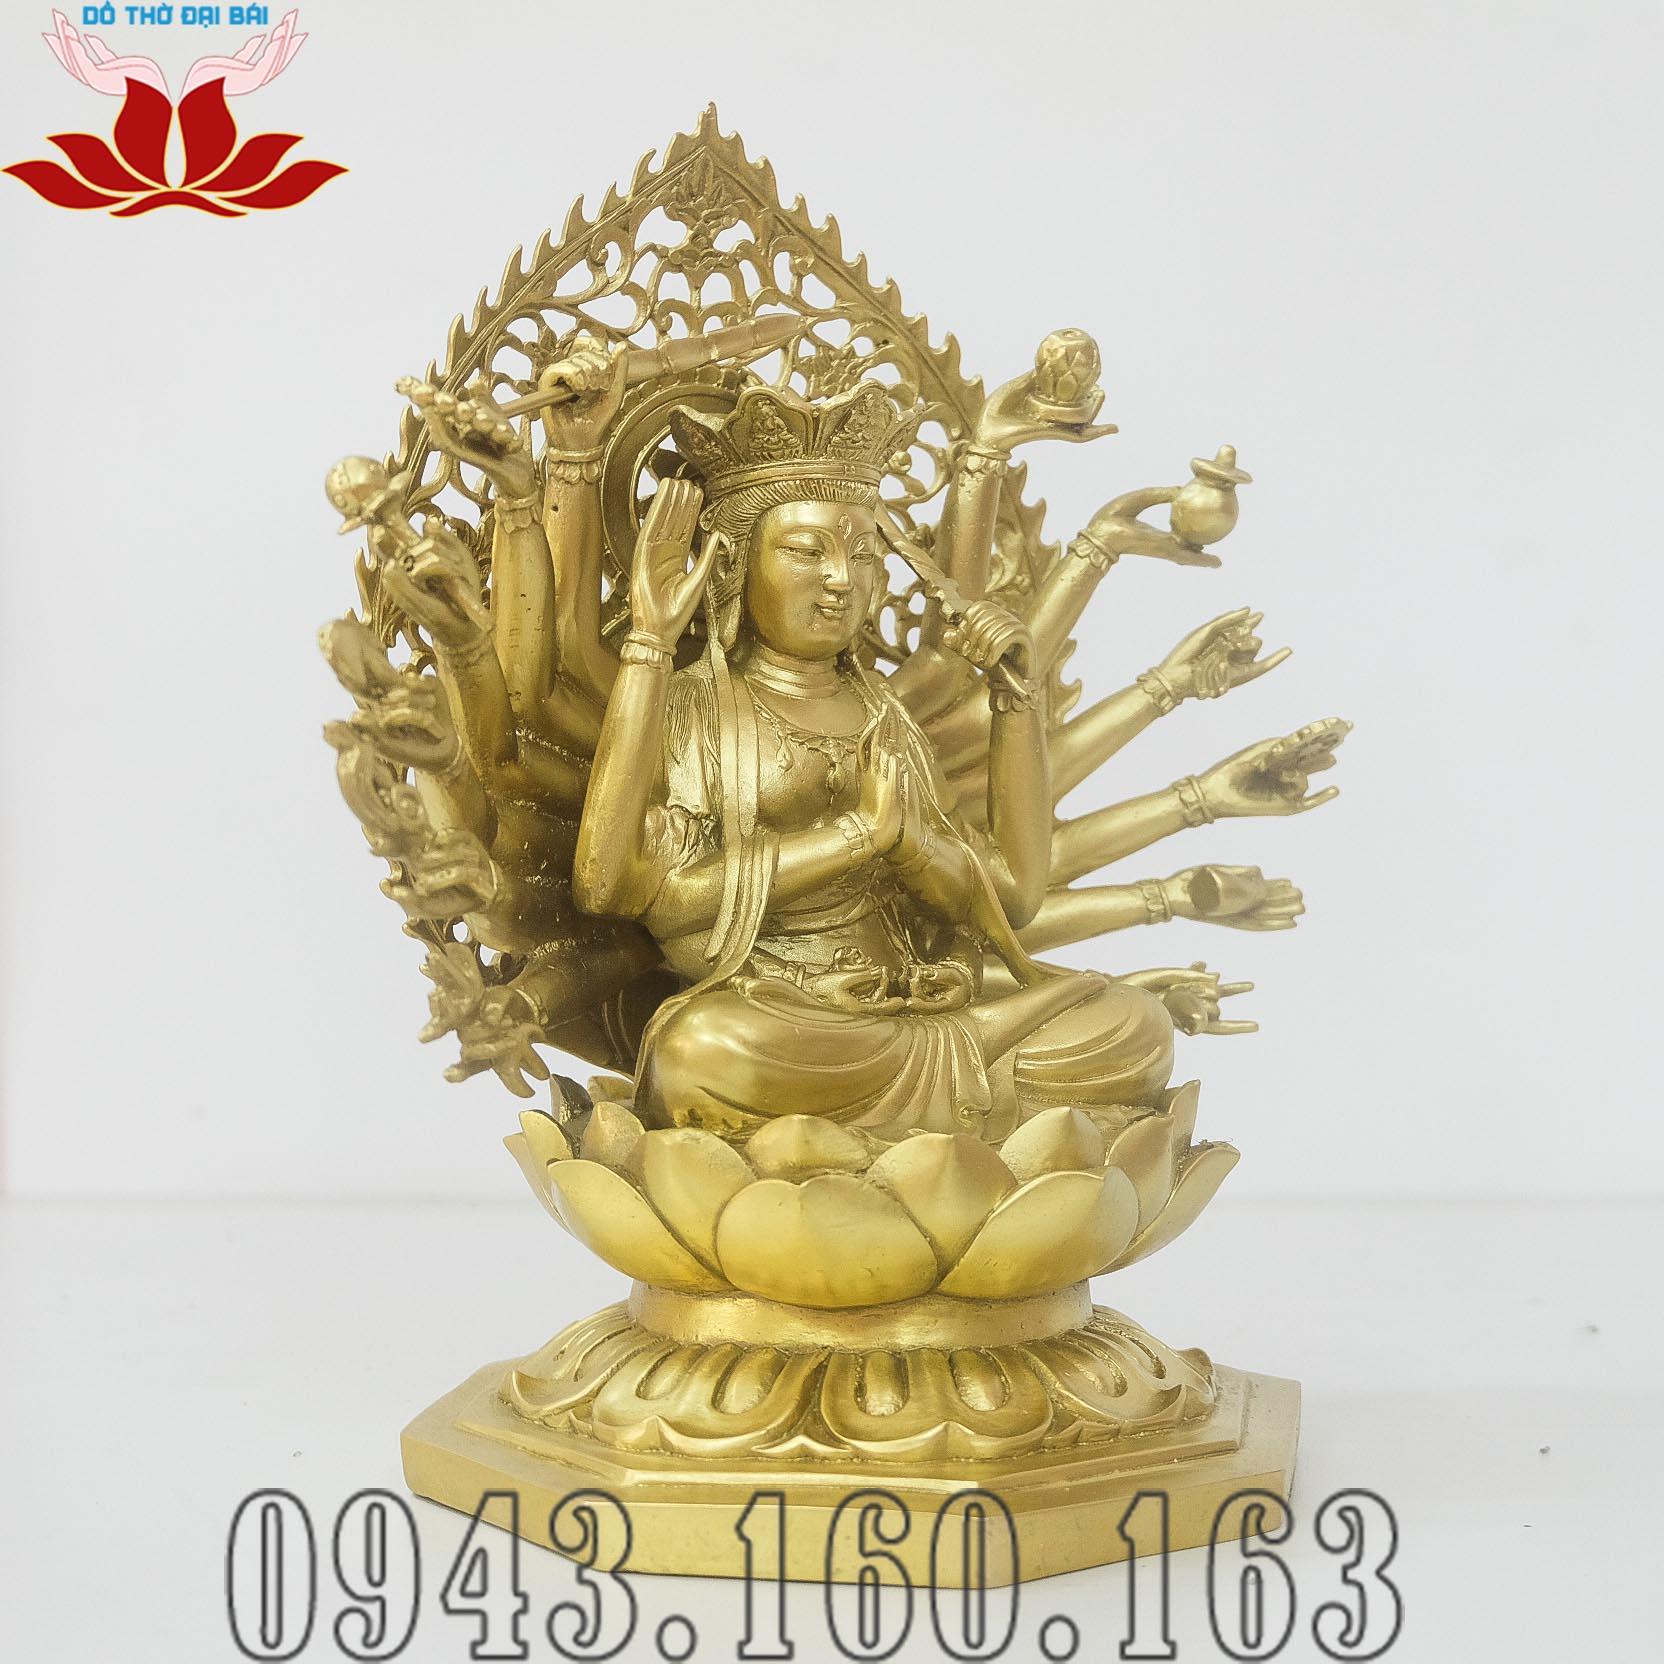 Chi tiết hình ảnh tượng Phật Chuẩn Đề nhìn nghiêng